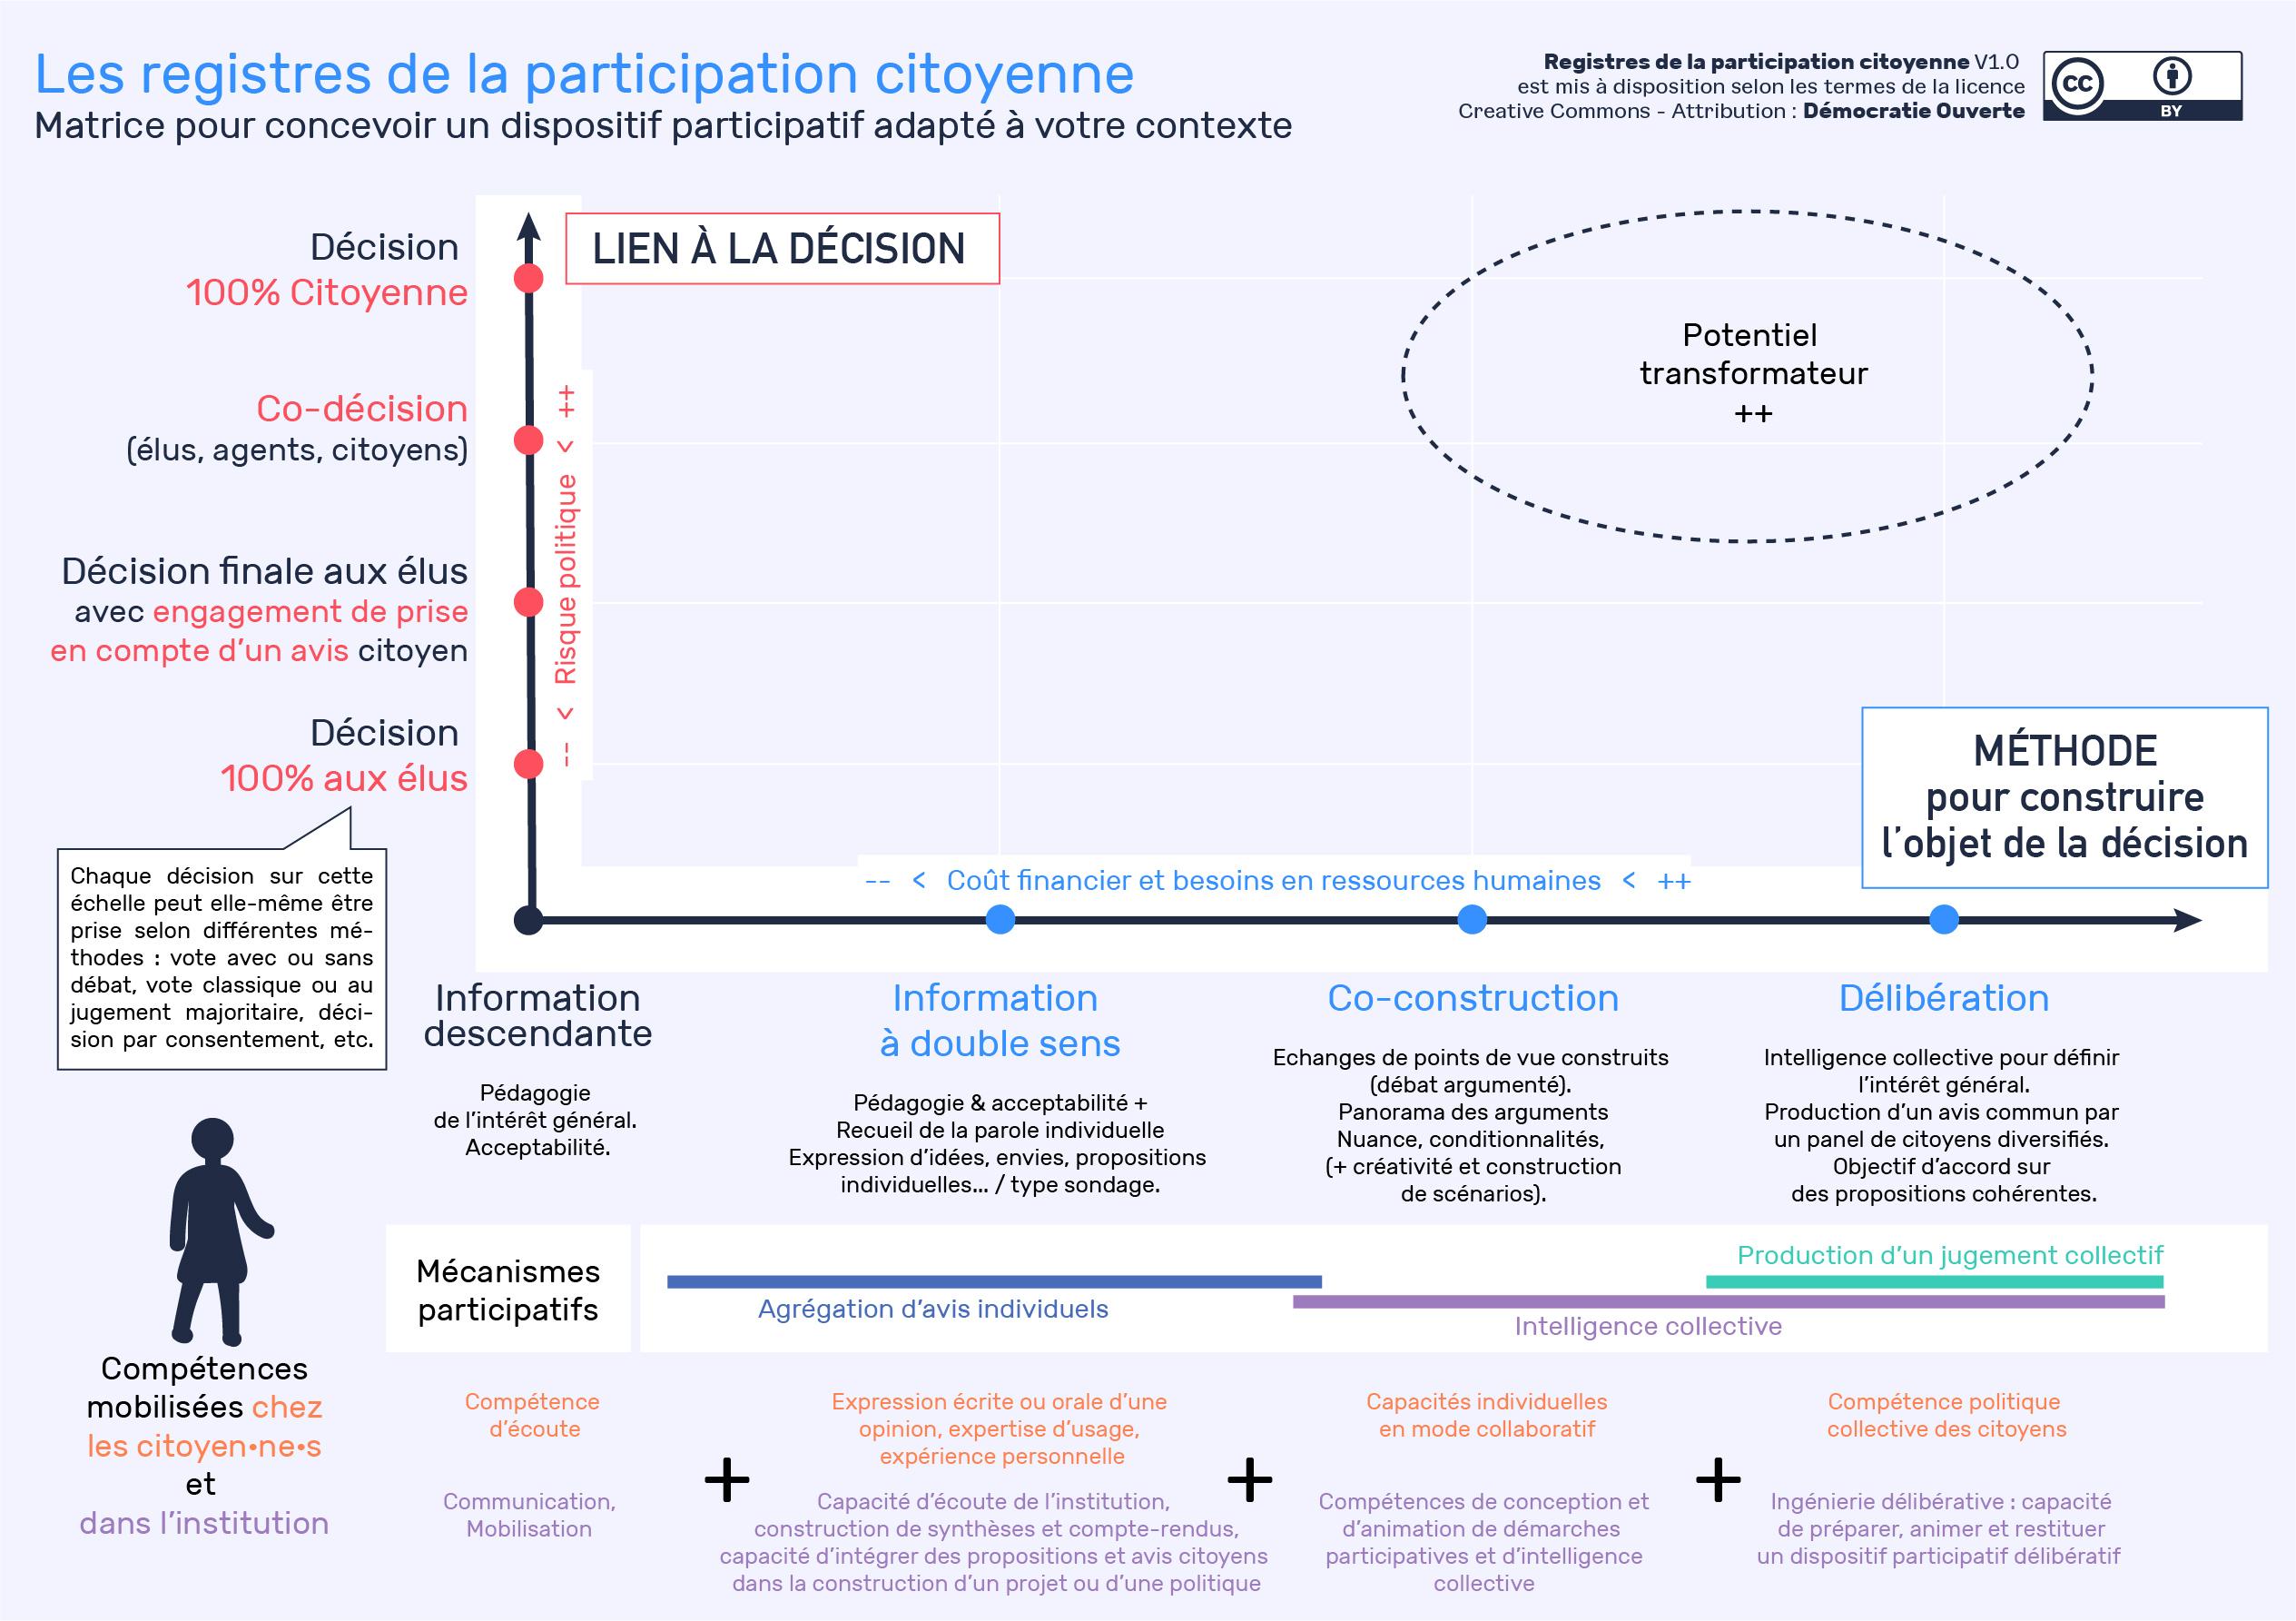 Schéma des registres de la participation citoyenne de Démocratie Ouverte